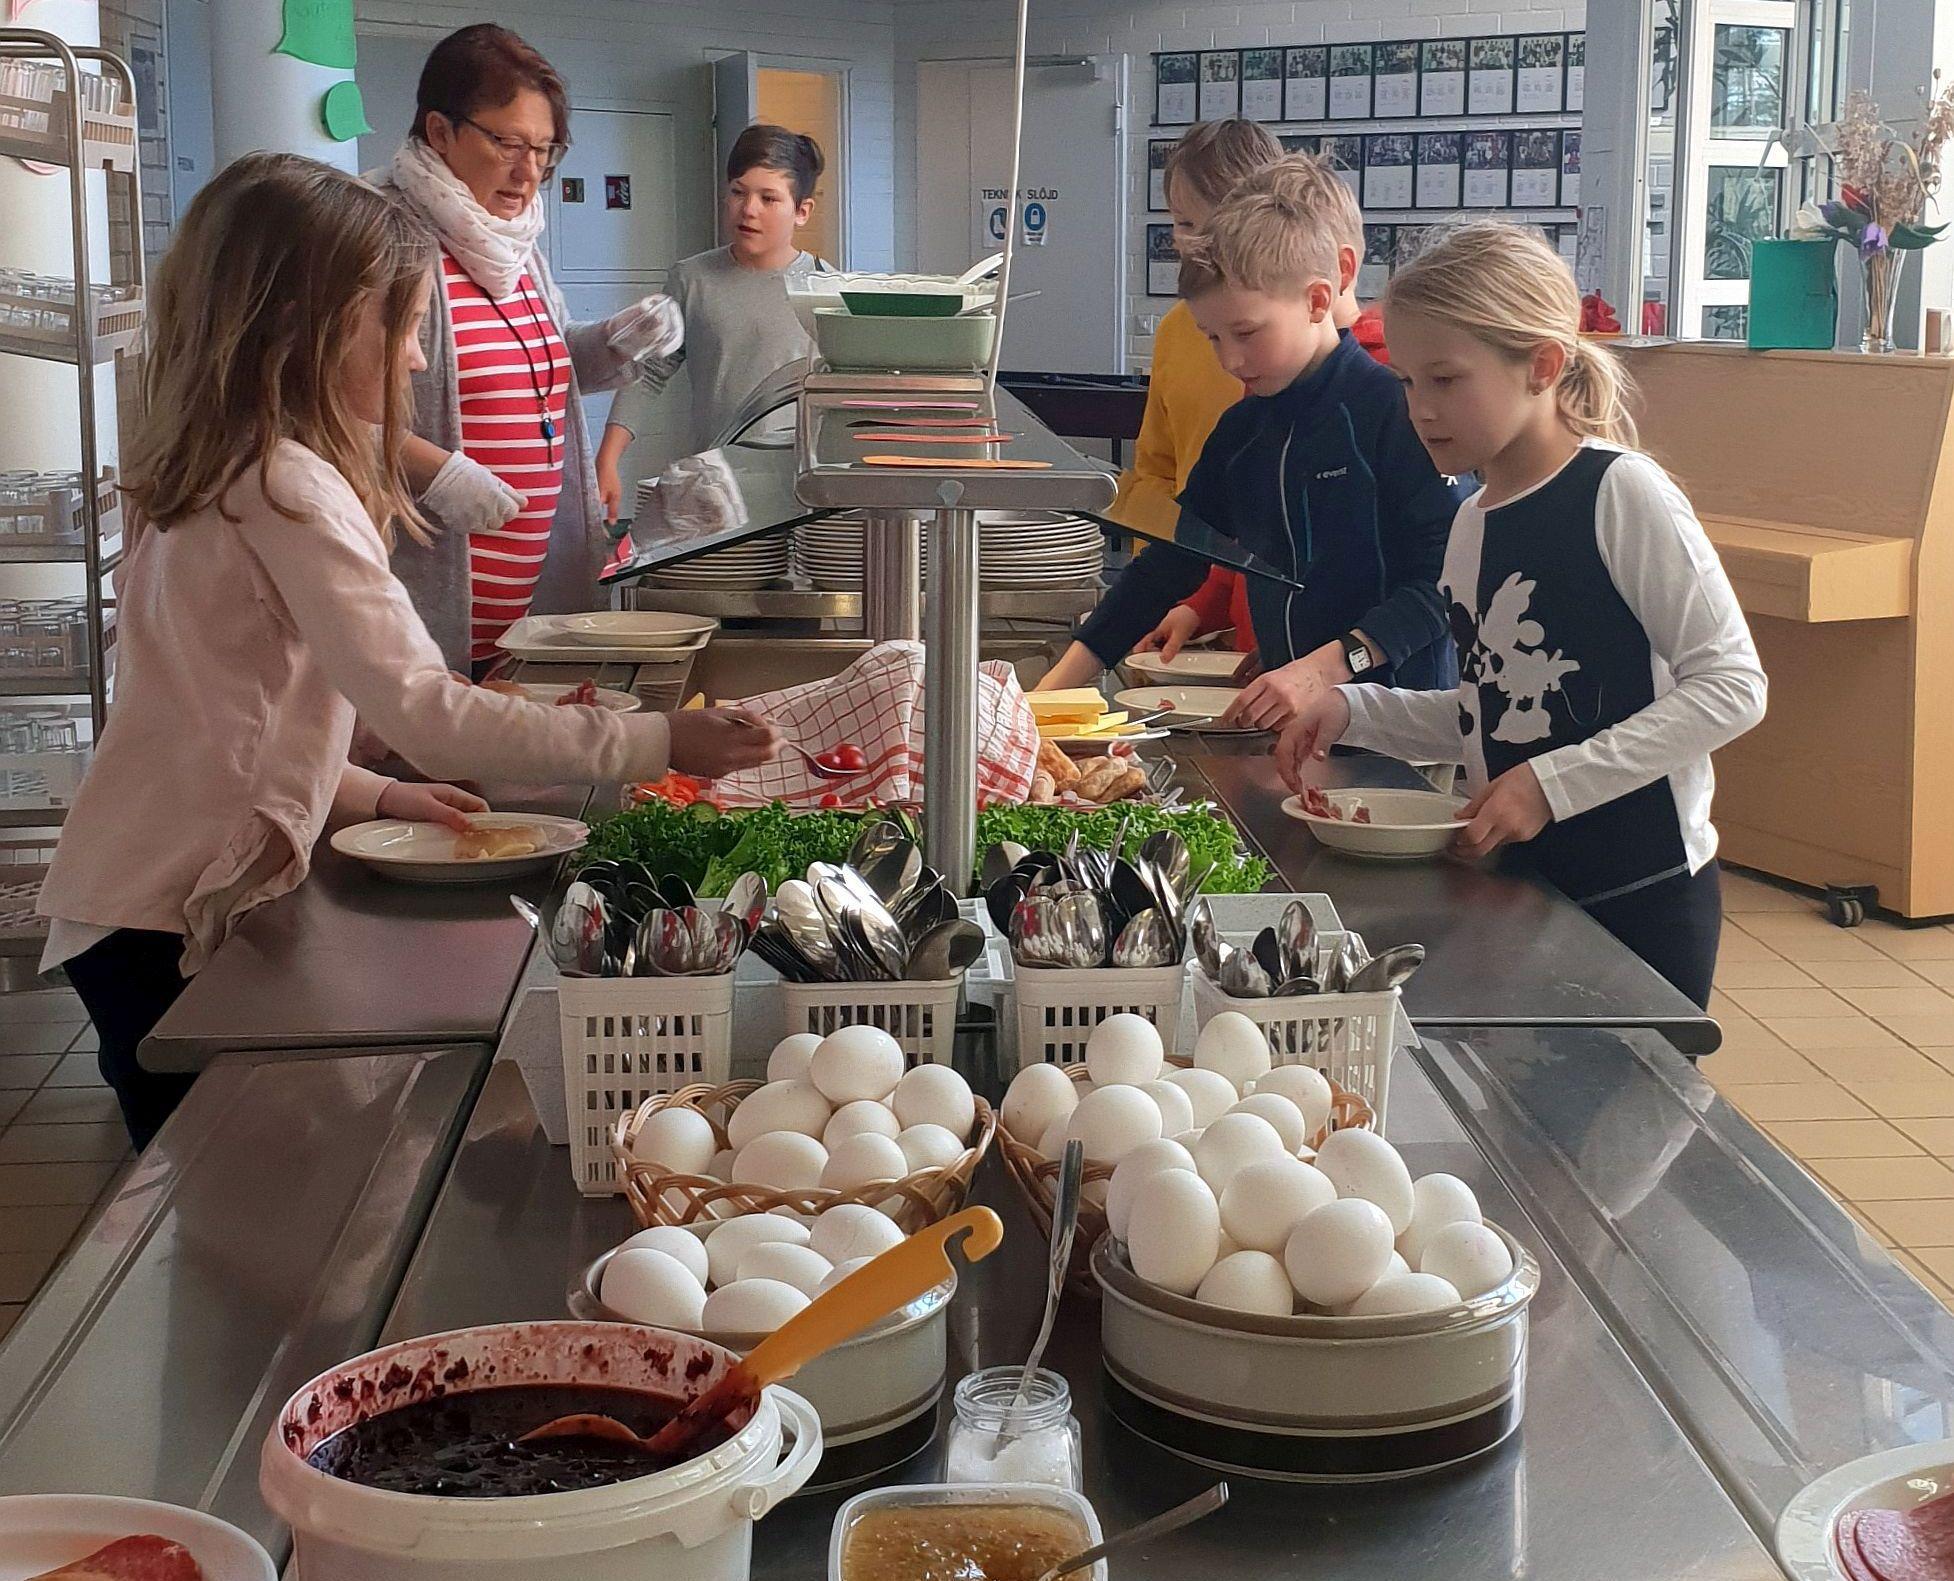 Barn och vuxna vid buffetbord